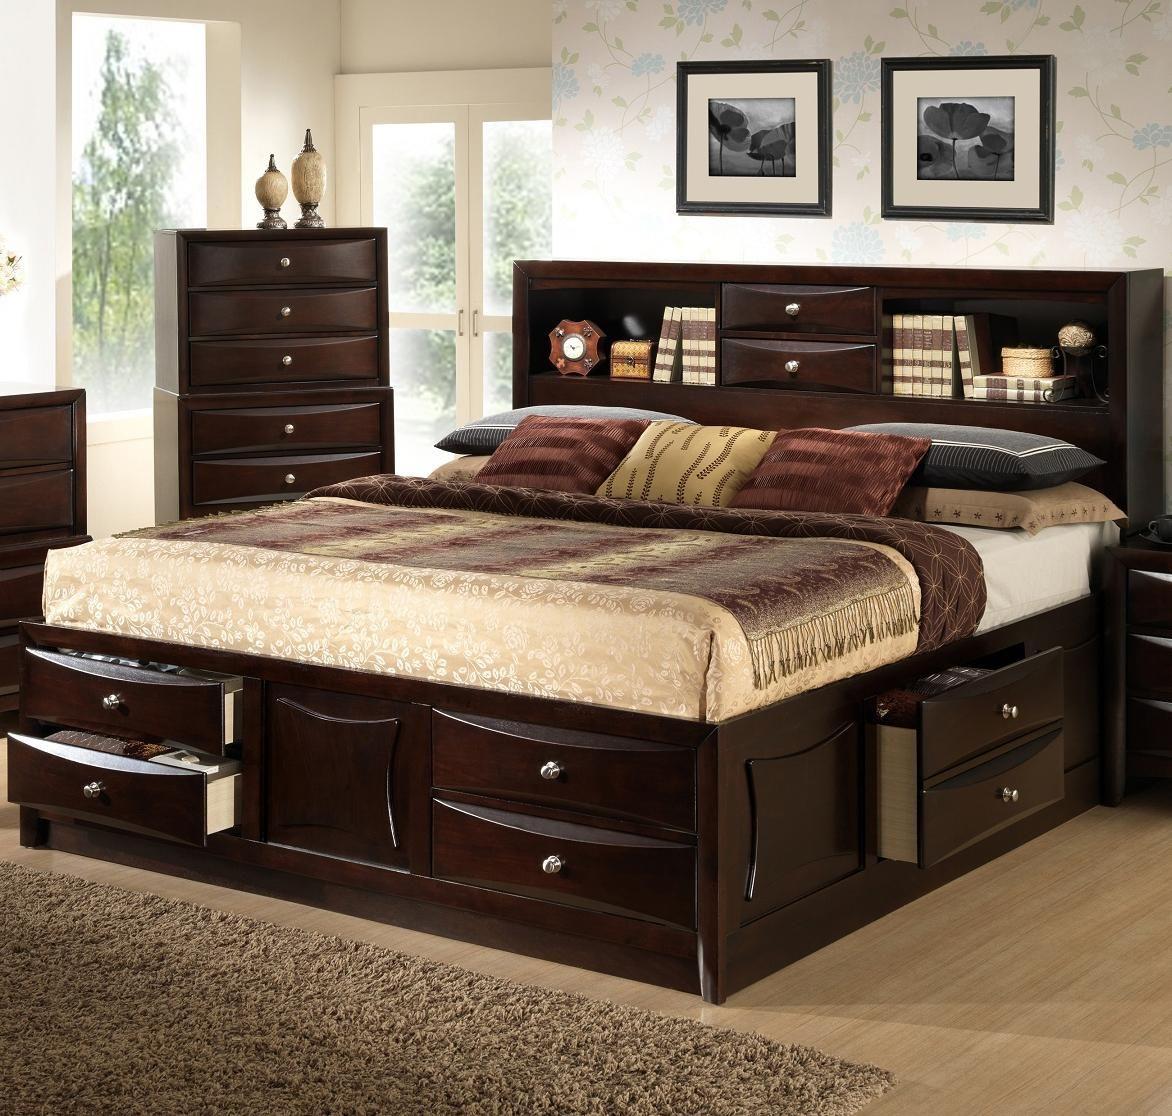 C0172 Queen Storage Bed w/ Bookcase Headboard by Alex ...